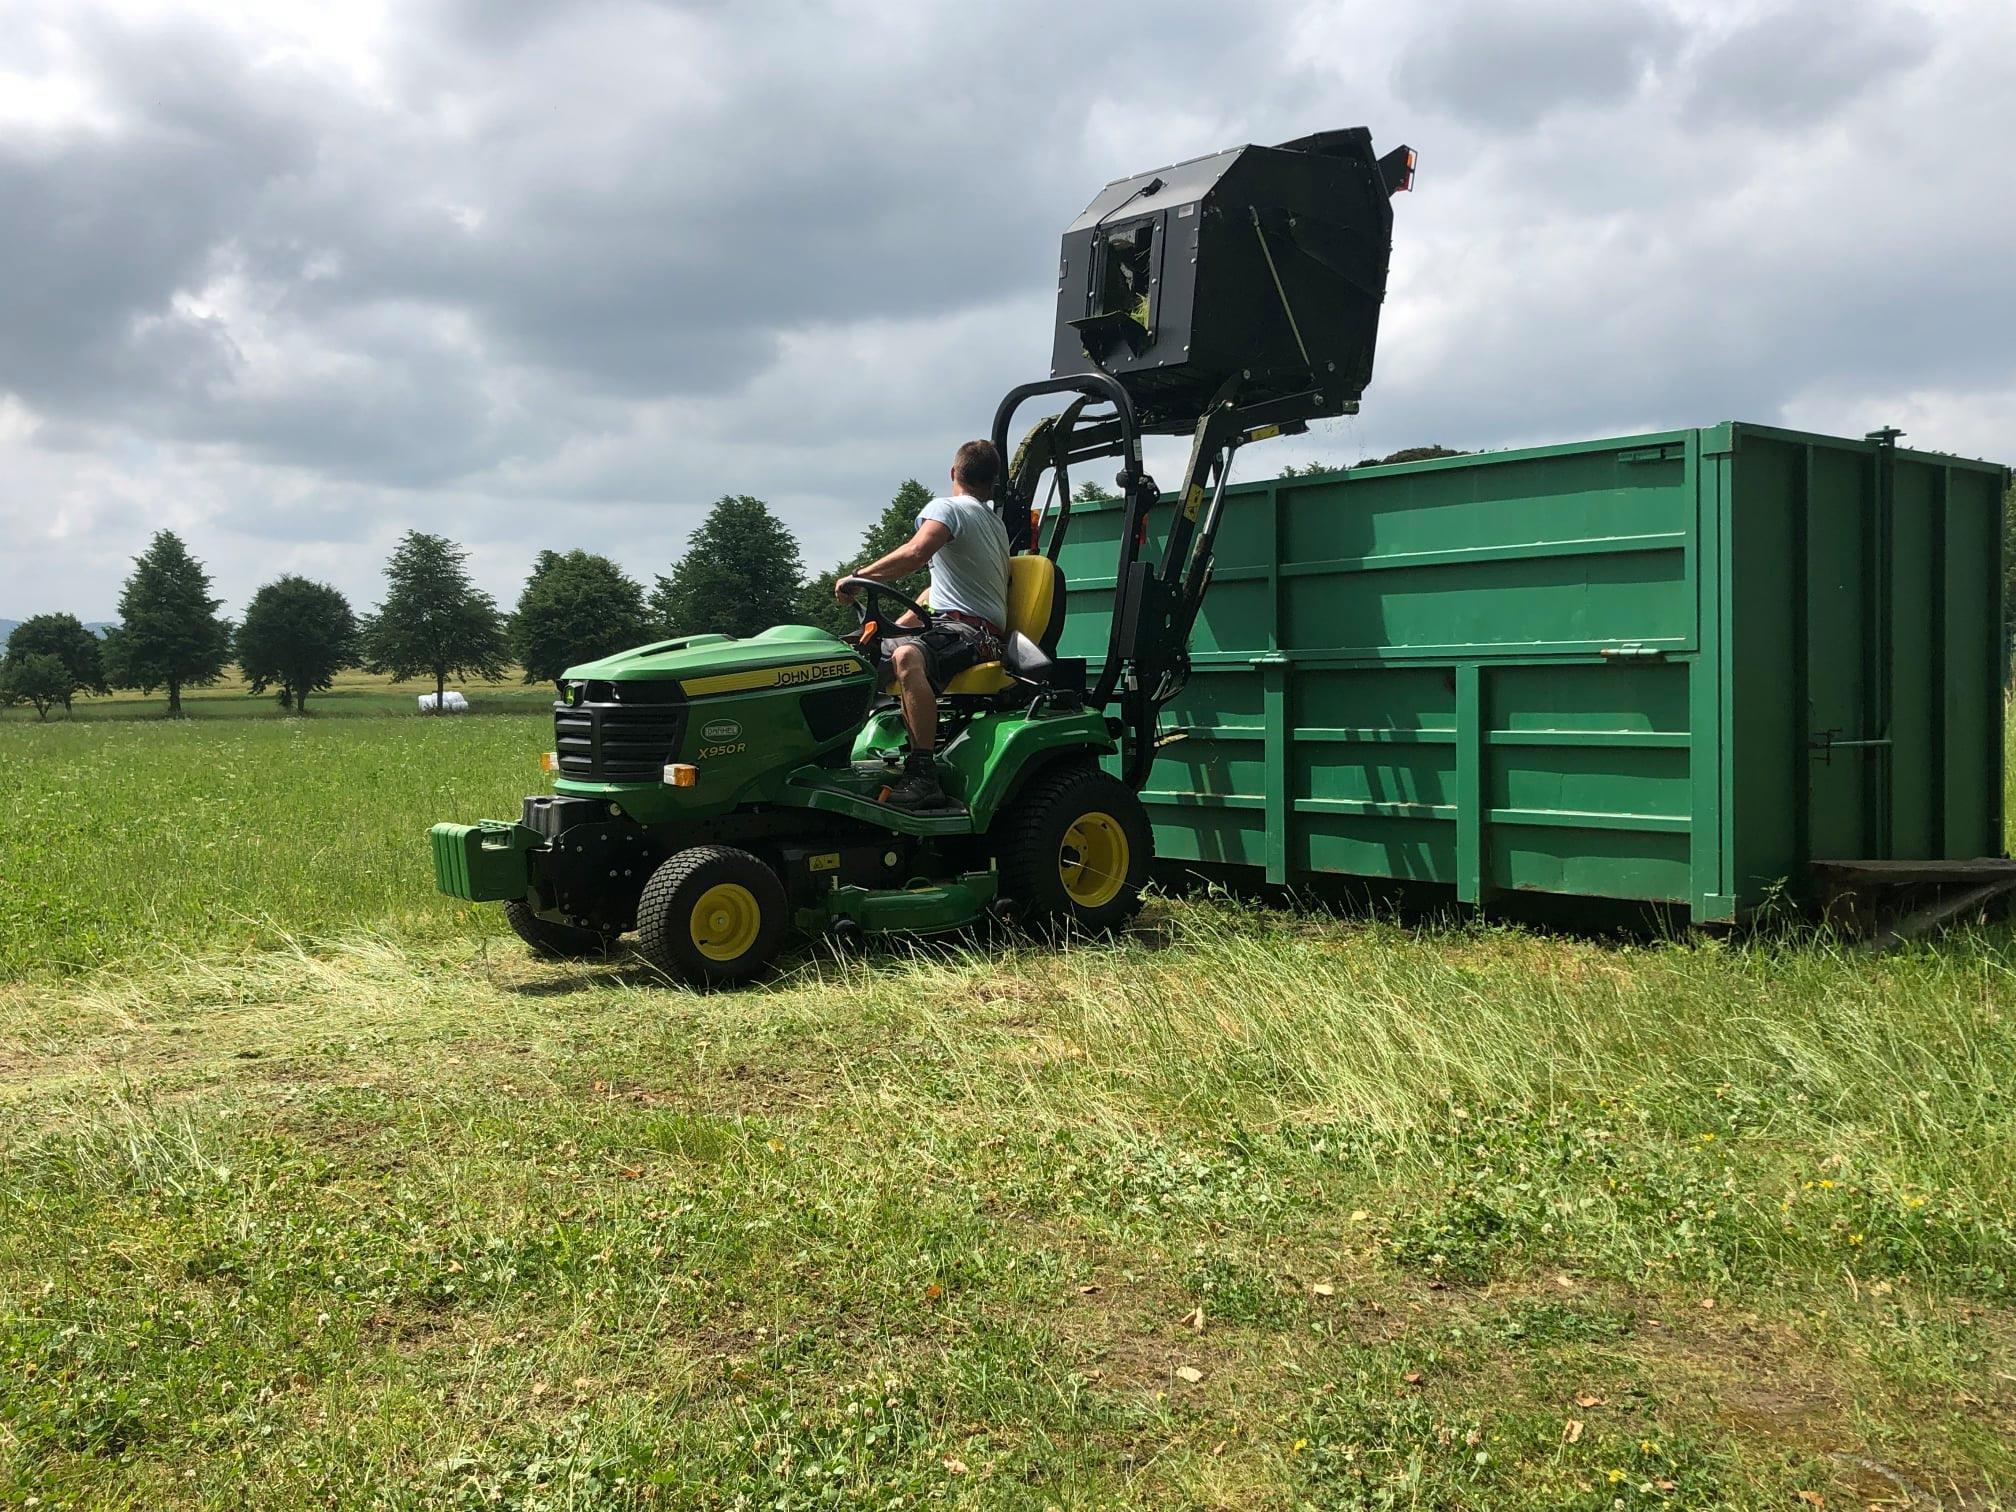 Projekty publicita 2021 : Název projektu: Nákup komunálního traktoru - traktor